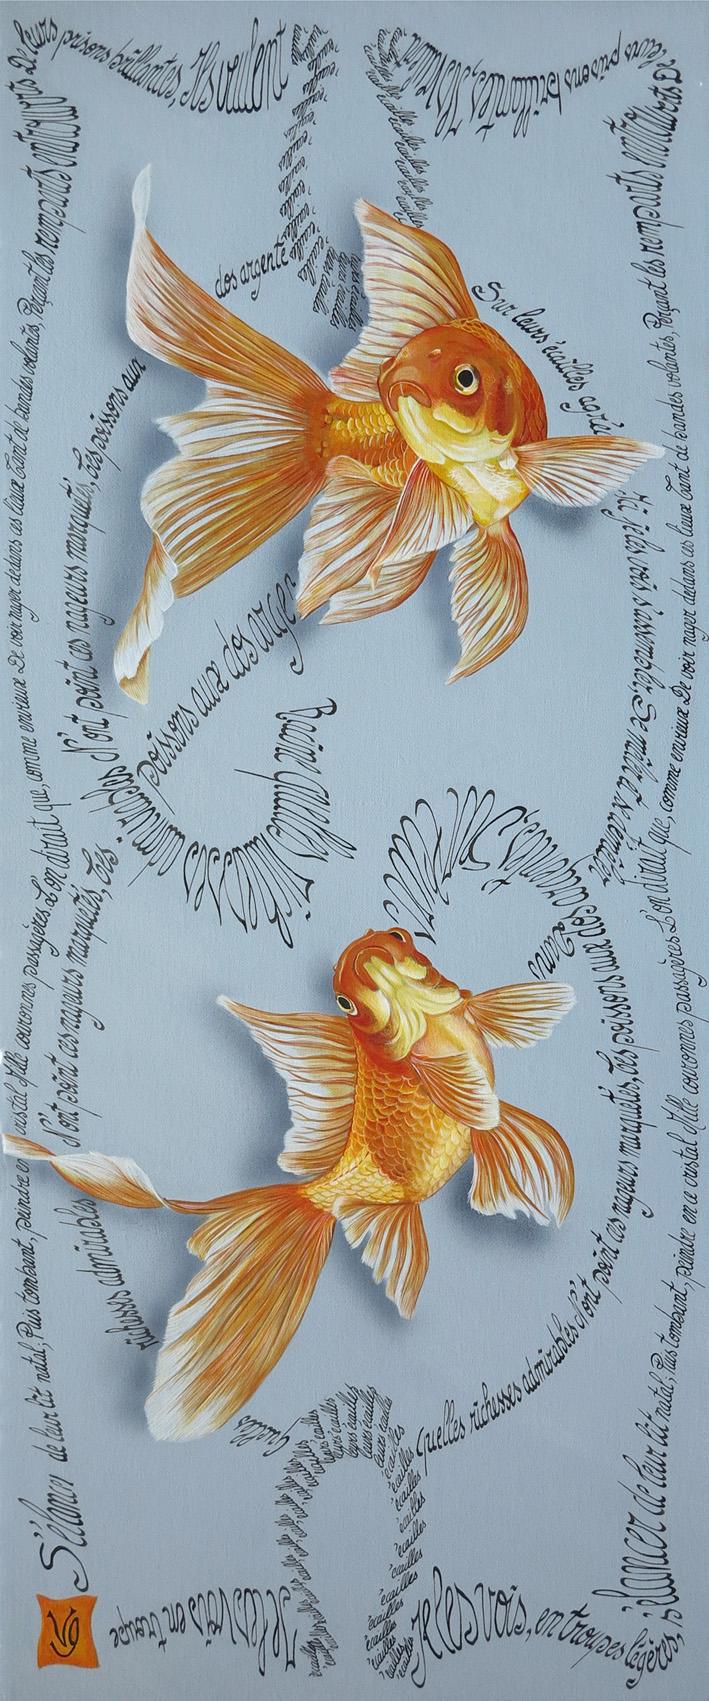 S'enfuir dans les airs II Acrylique et calligraphie (poème de Racine), 25 x 60 cm Valerie Glasson